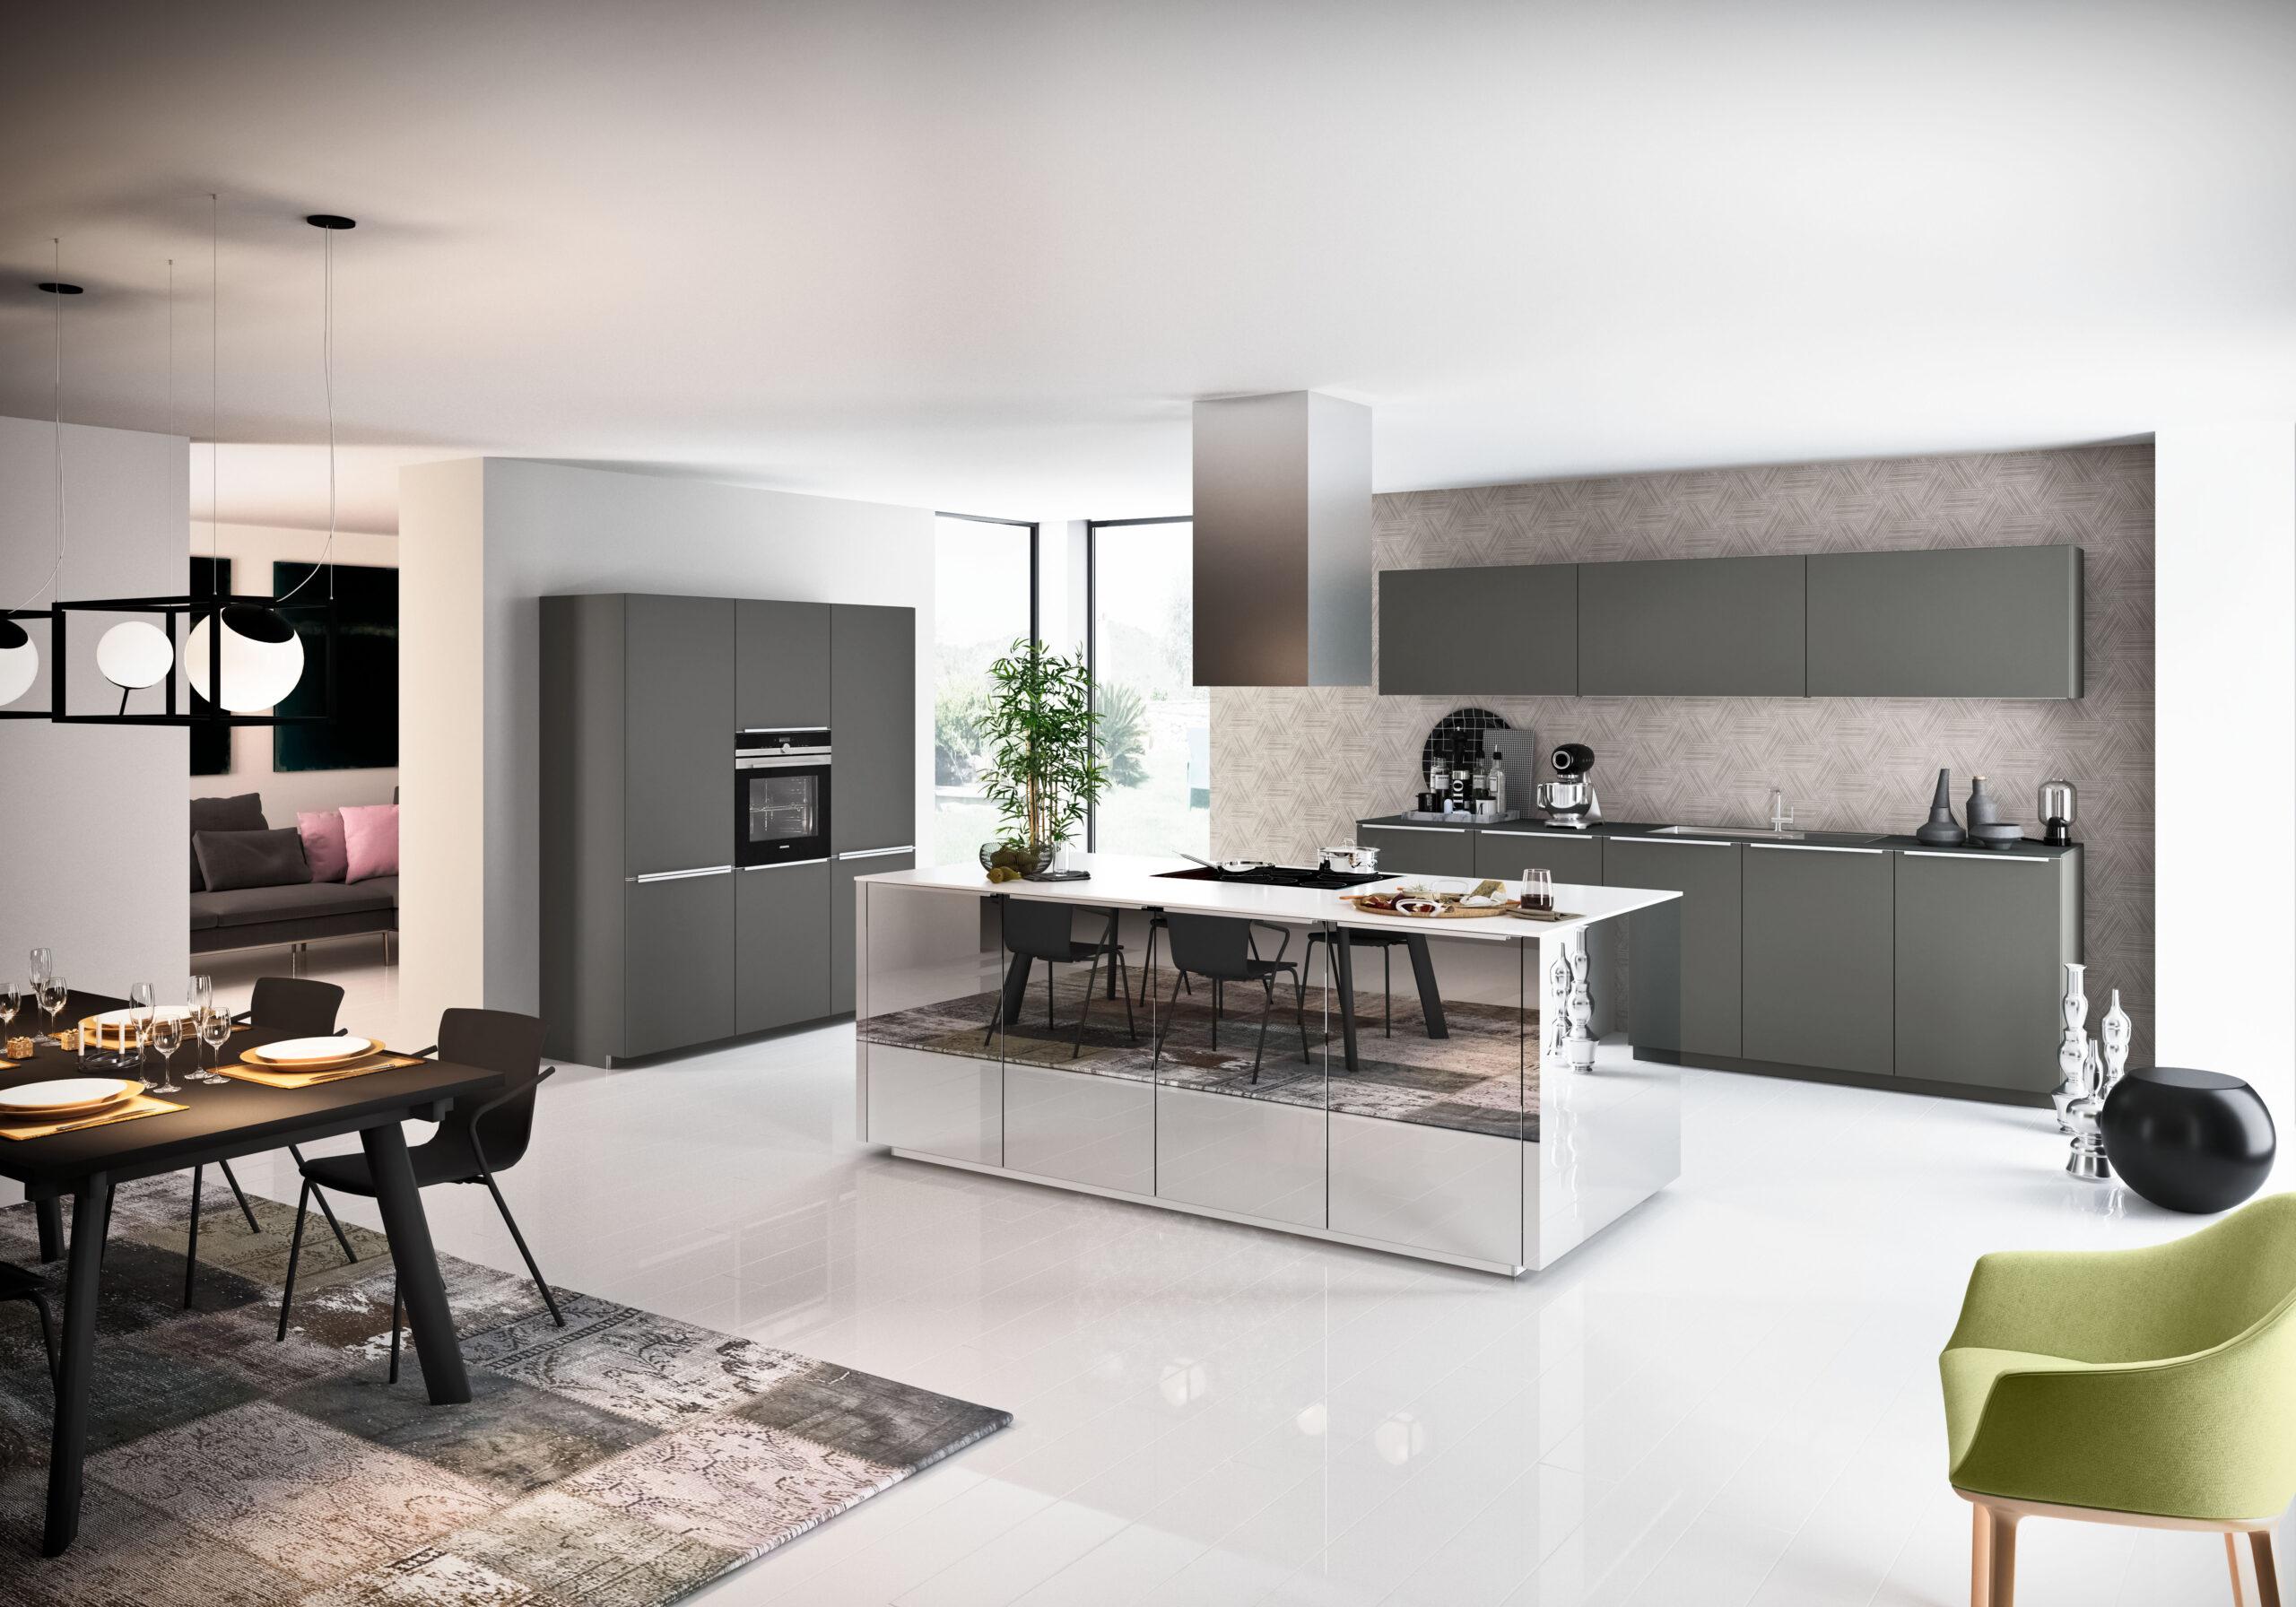 Full Size of Nolte Küchen Glasfront Kchen 2019 Test Regal Küche Schlafzimmer Betten Wohnzimmer Nolte Küchen Glasfront